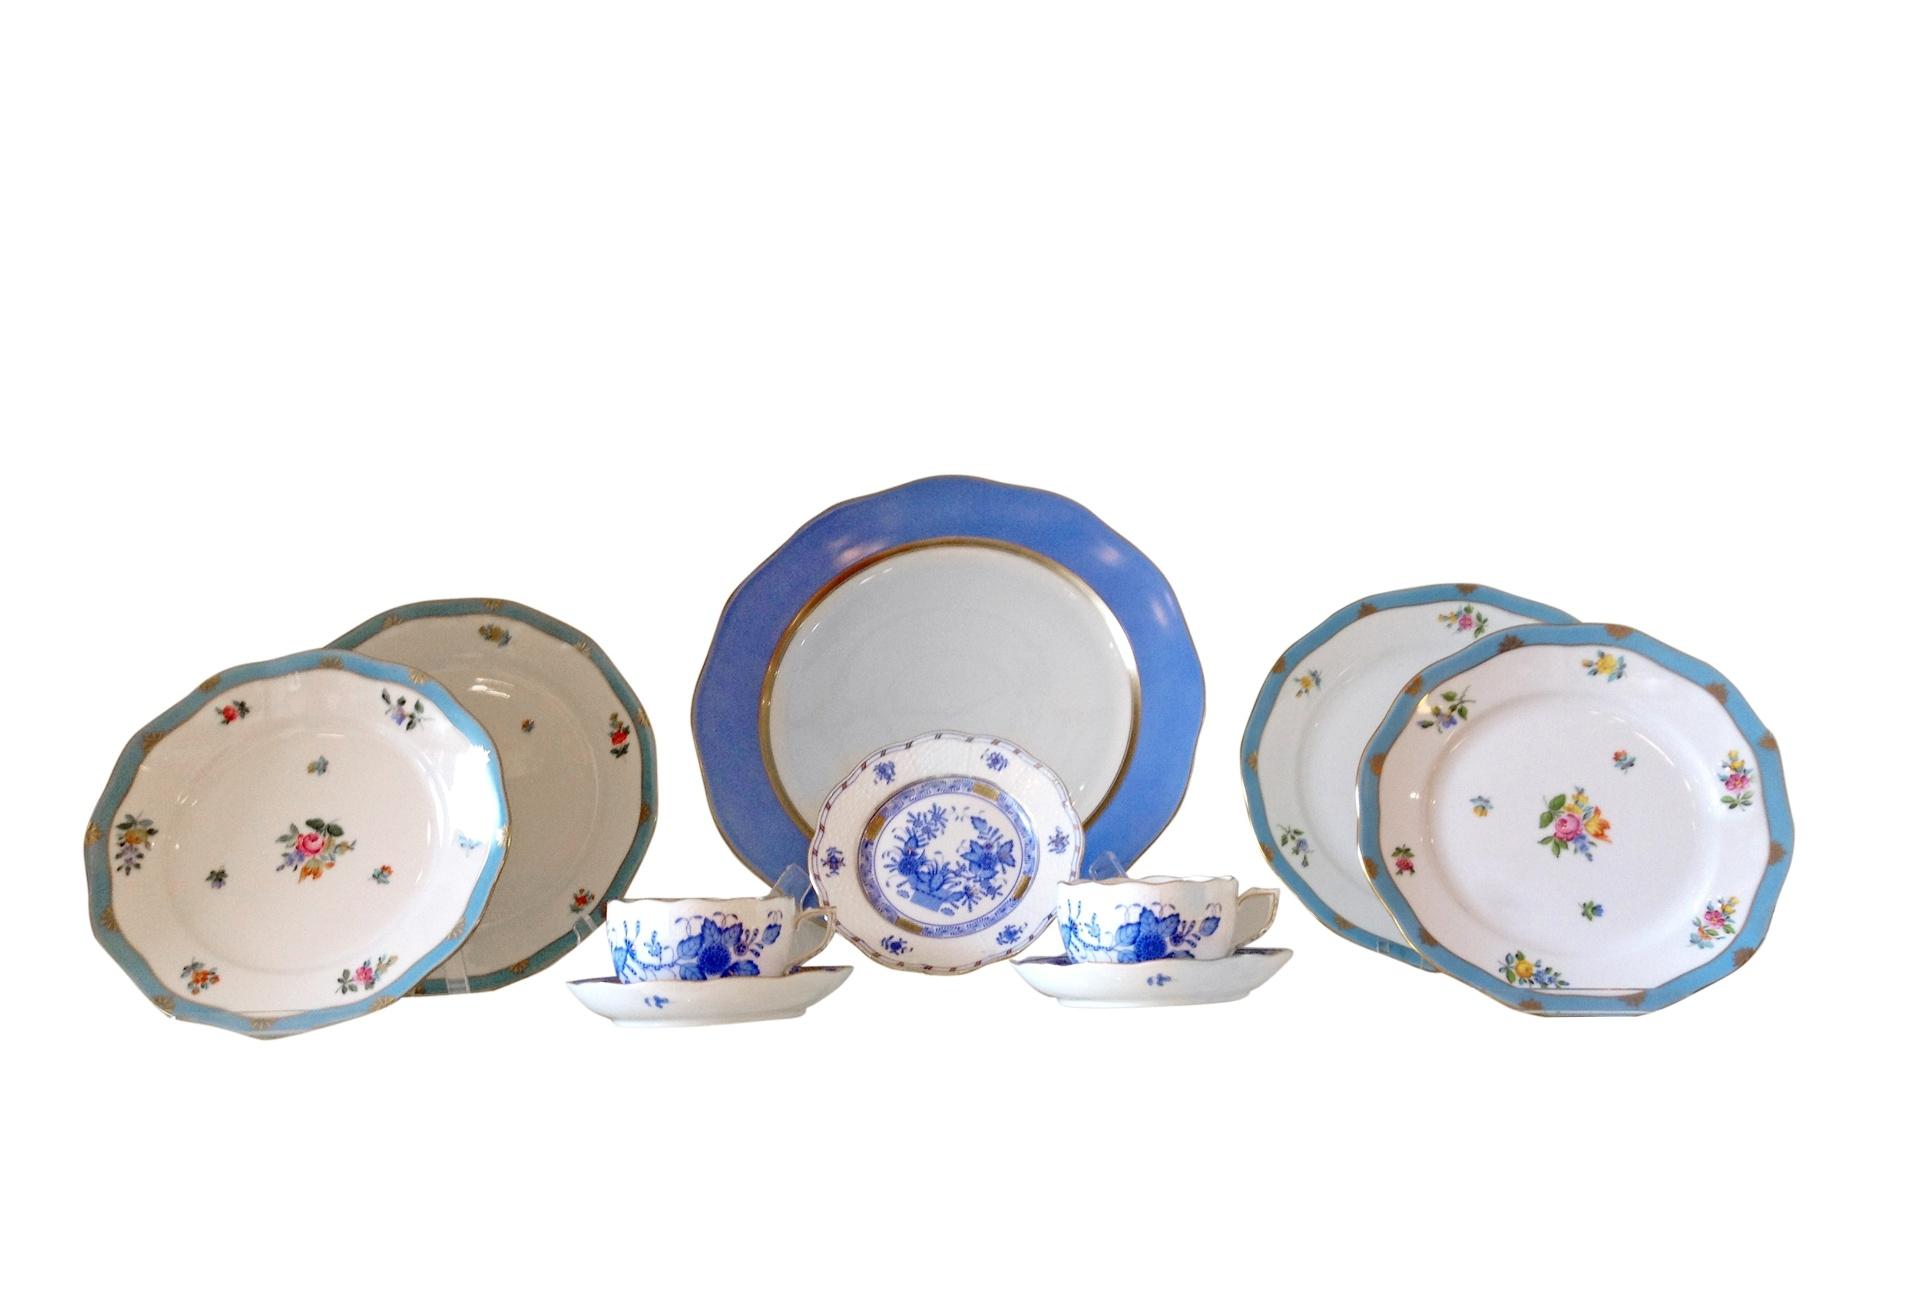 #356B96 Veja diversas sugestões de objetos para decorar e equipar a sua casa  1920x1310 px aparelho de jantar o que é @ bernauer.info Móveis Antigos Novos E Usados Online